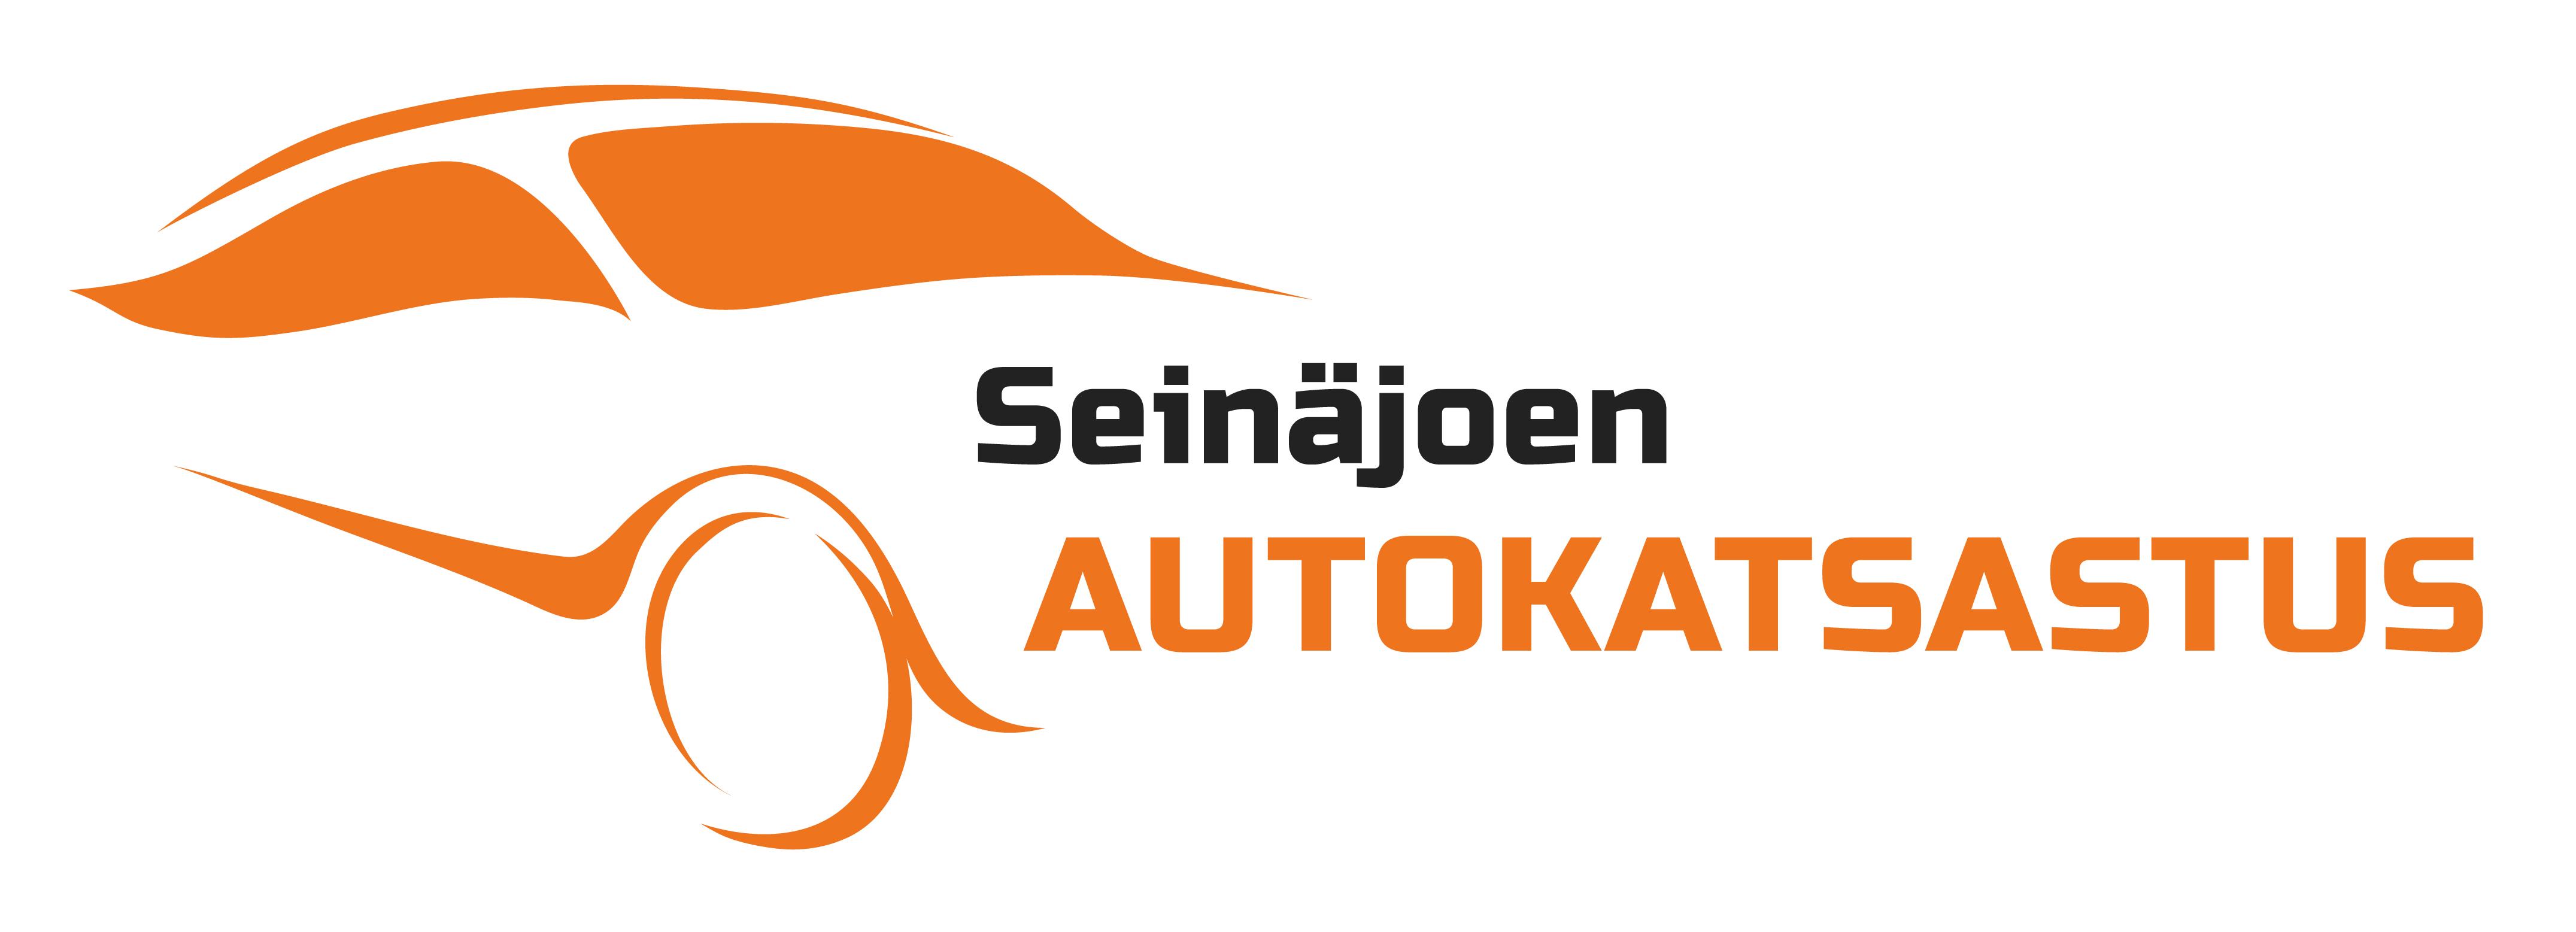 Seinäjoen Autokatsastus Oy -logo